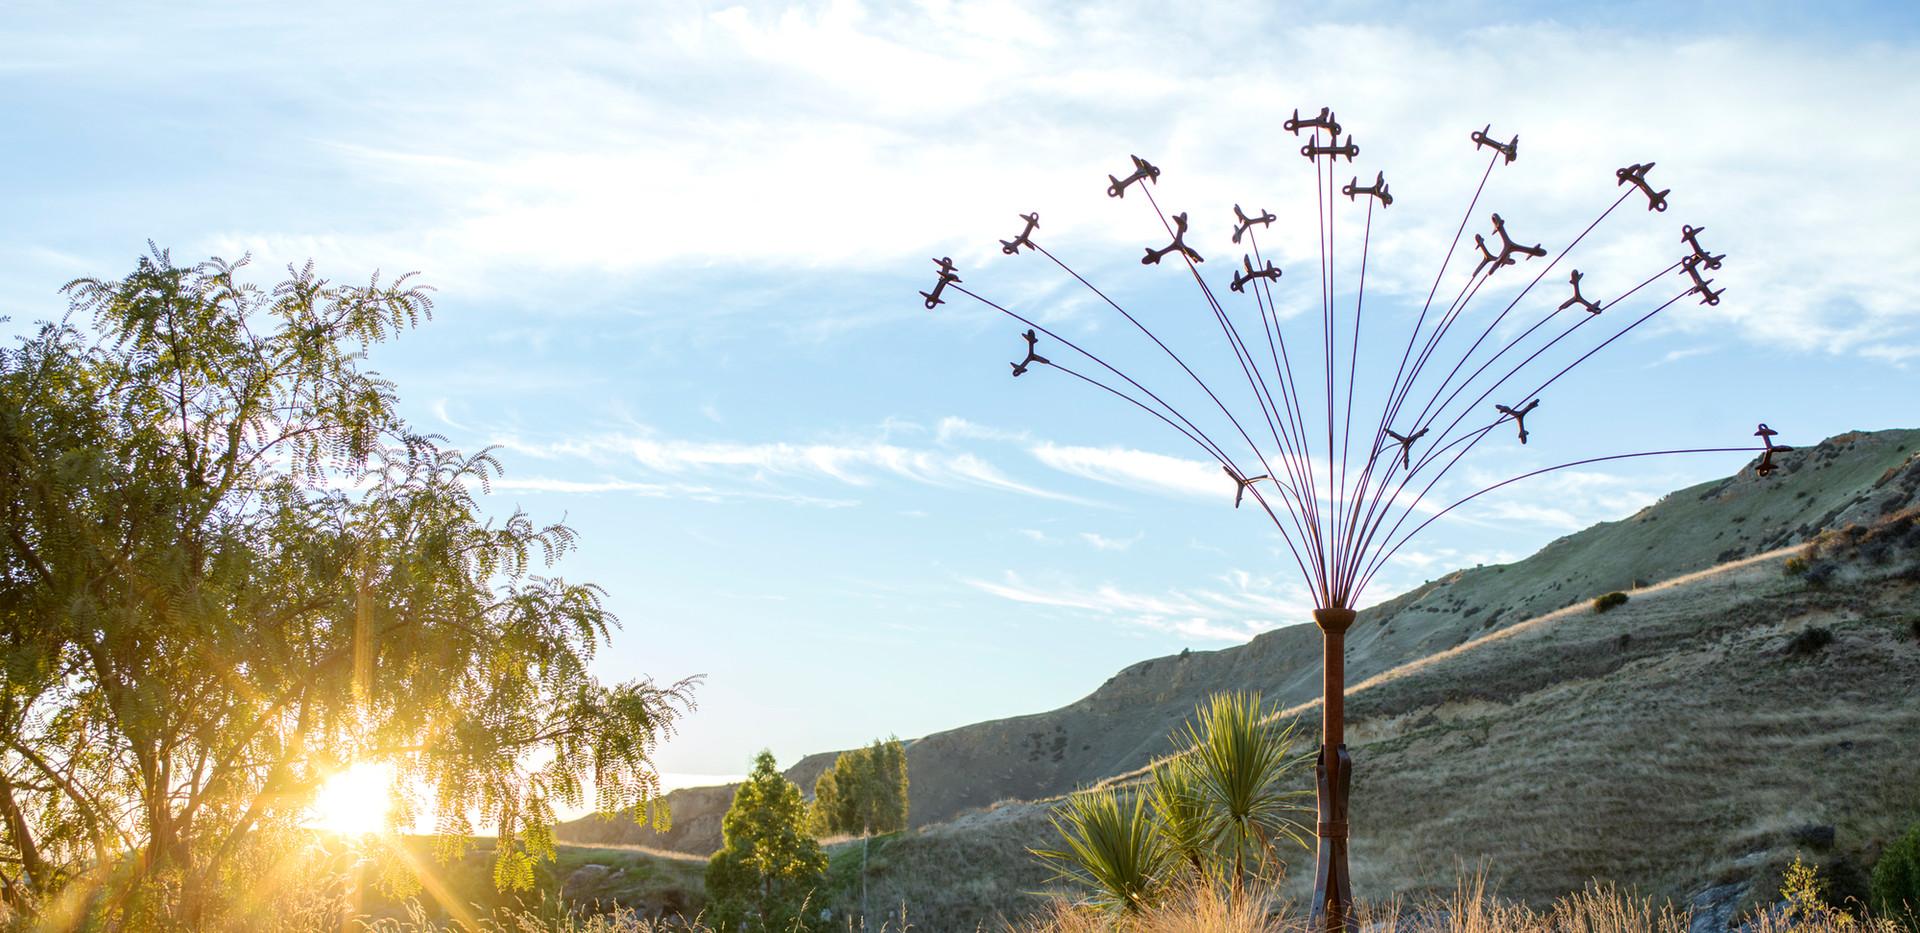 Dandelions flying. Raymond Herber.jpg